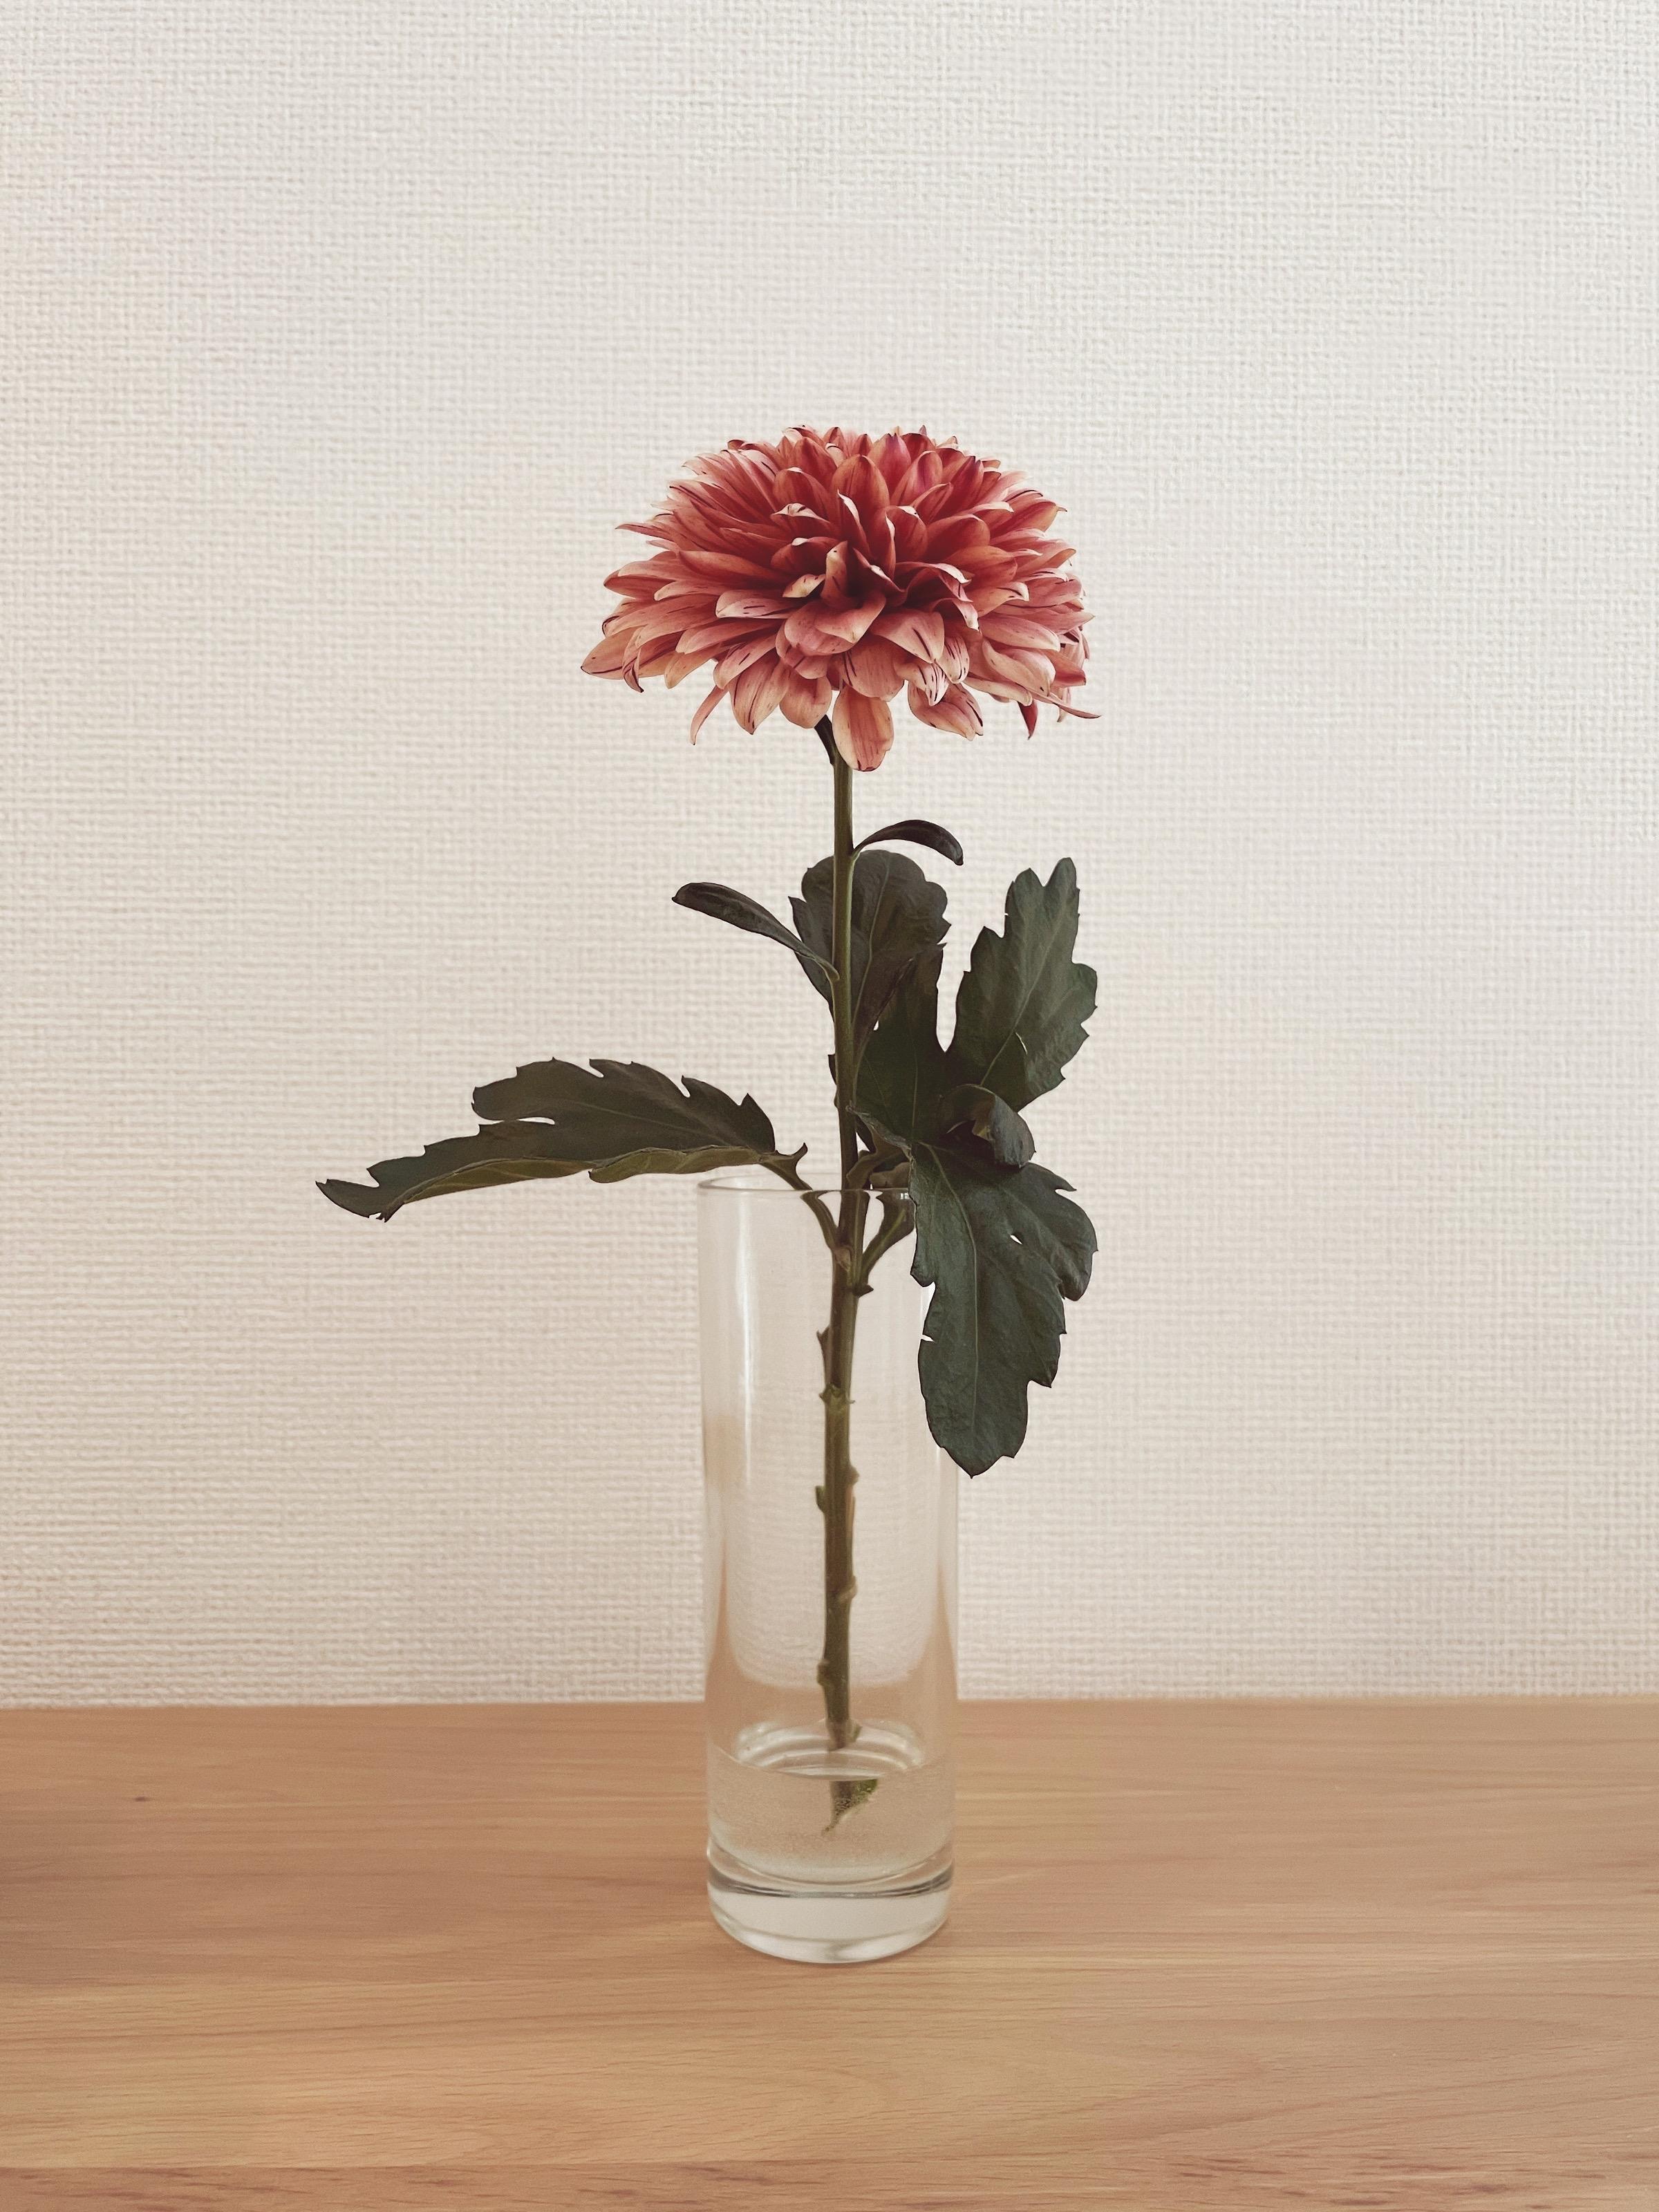 【おうち時間】お部屋に花を取り入れて癒し空間に♡_3